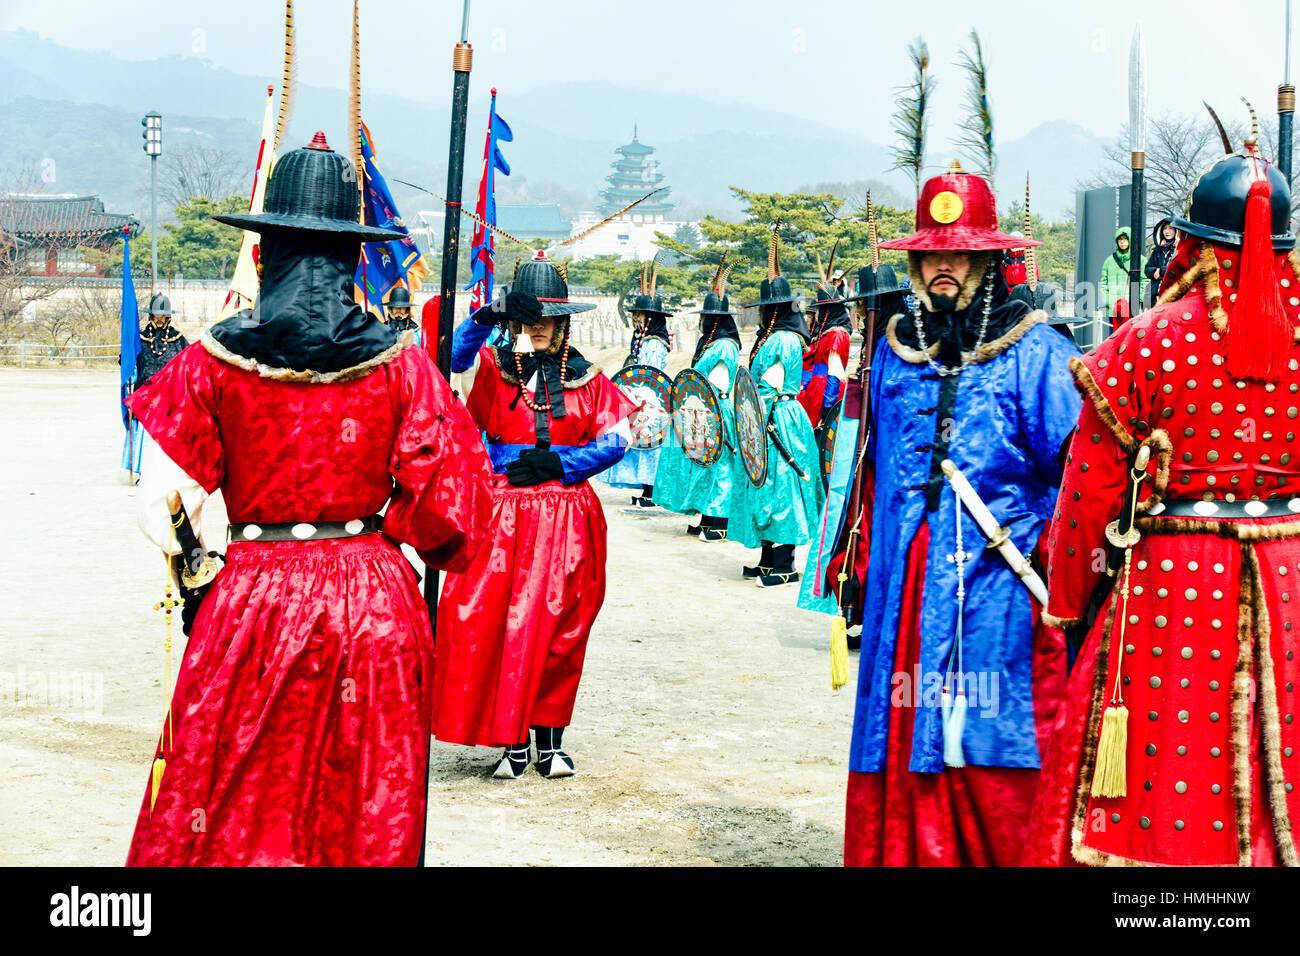 Royal Guard Cerimonia di ispezione, il Palazzo Gyeongbokgung, Seoul, Corea del Sud Immagini Stock